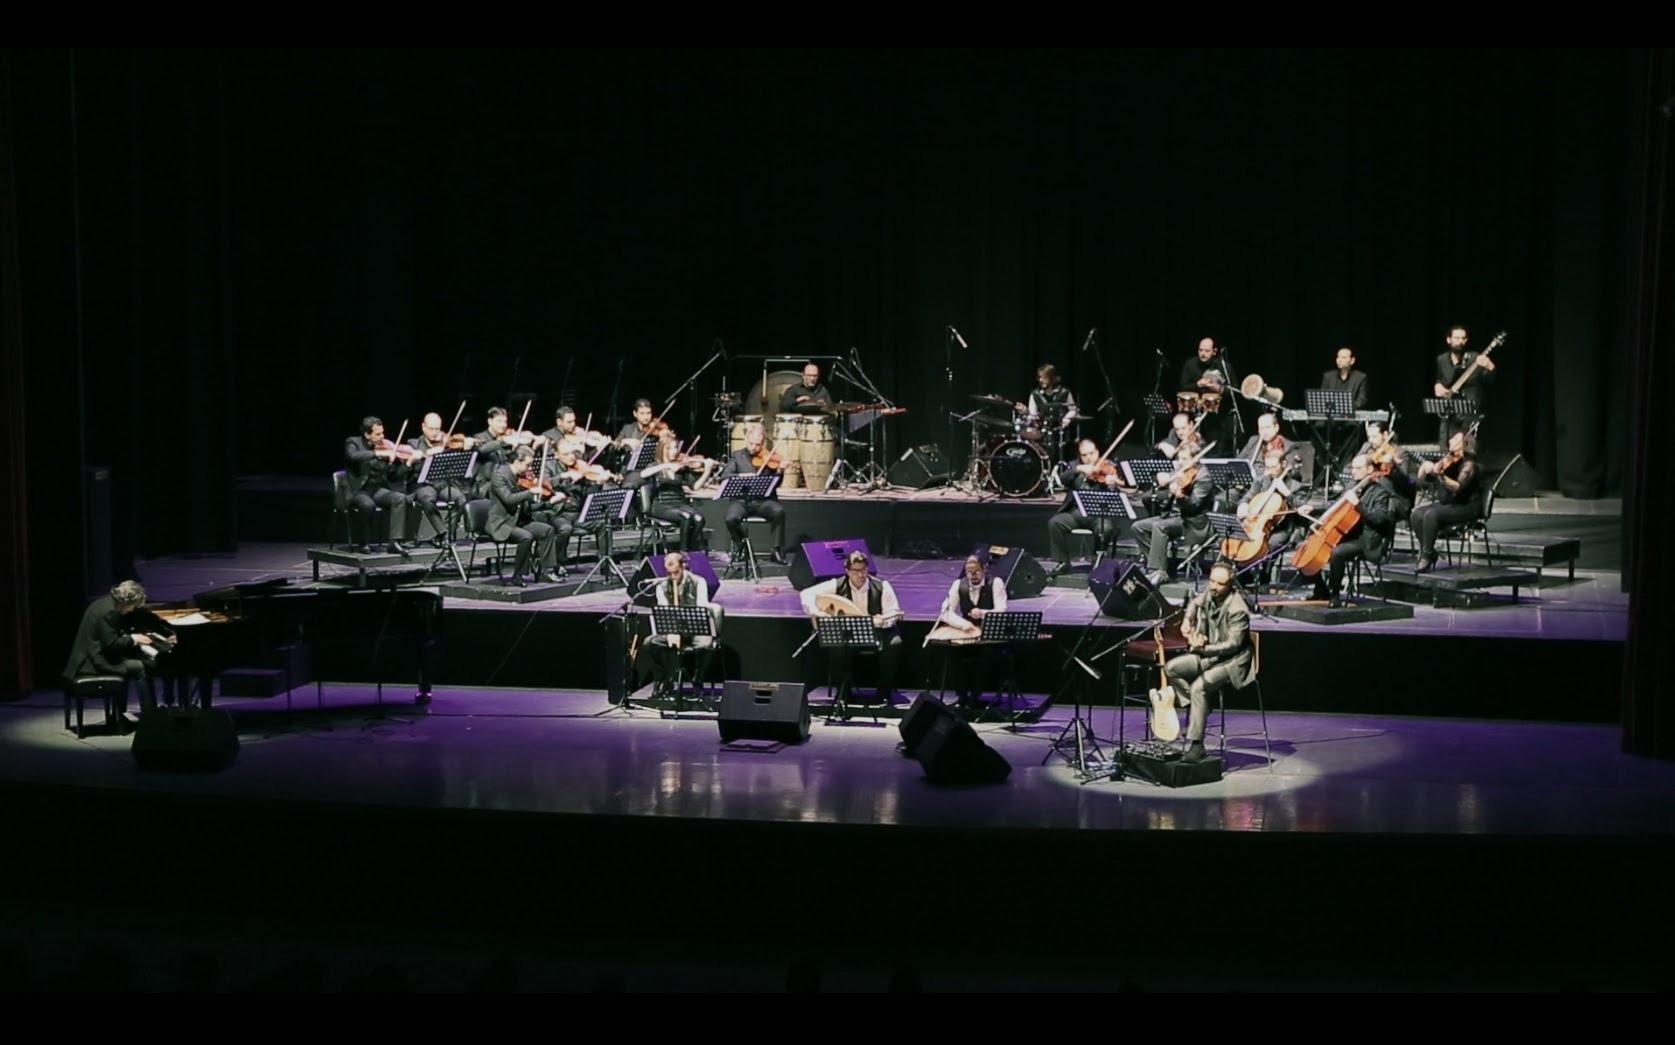 http://shbabbek.com/upload/خروجات الخميس.. مسرحيات وحفلات موسيقى عربية هتنسيك تعب الأسبوع